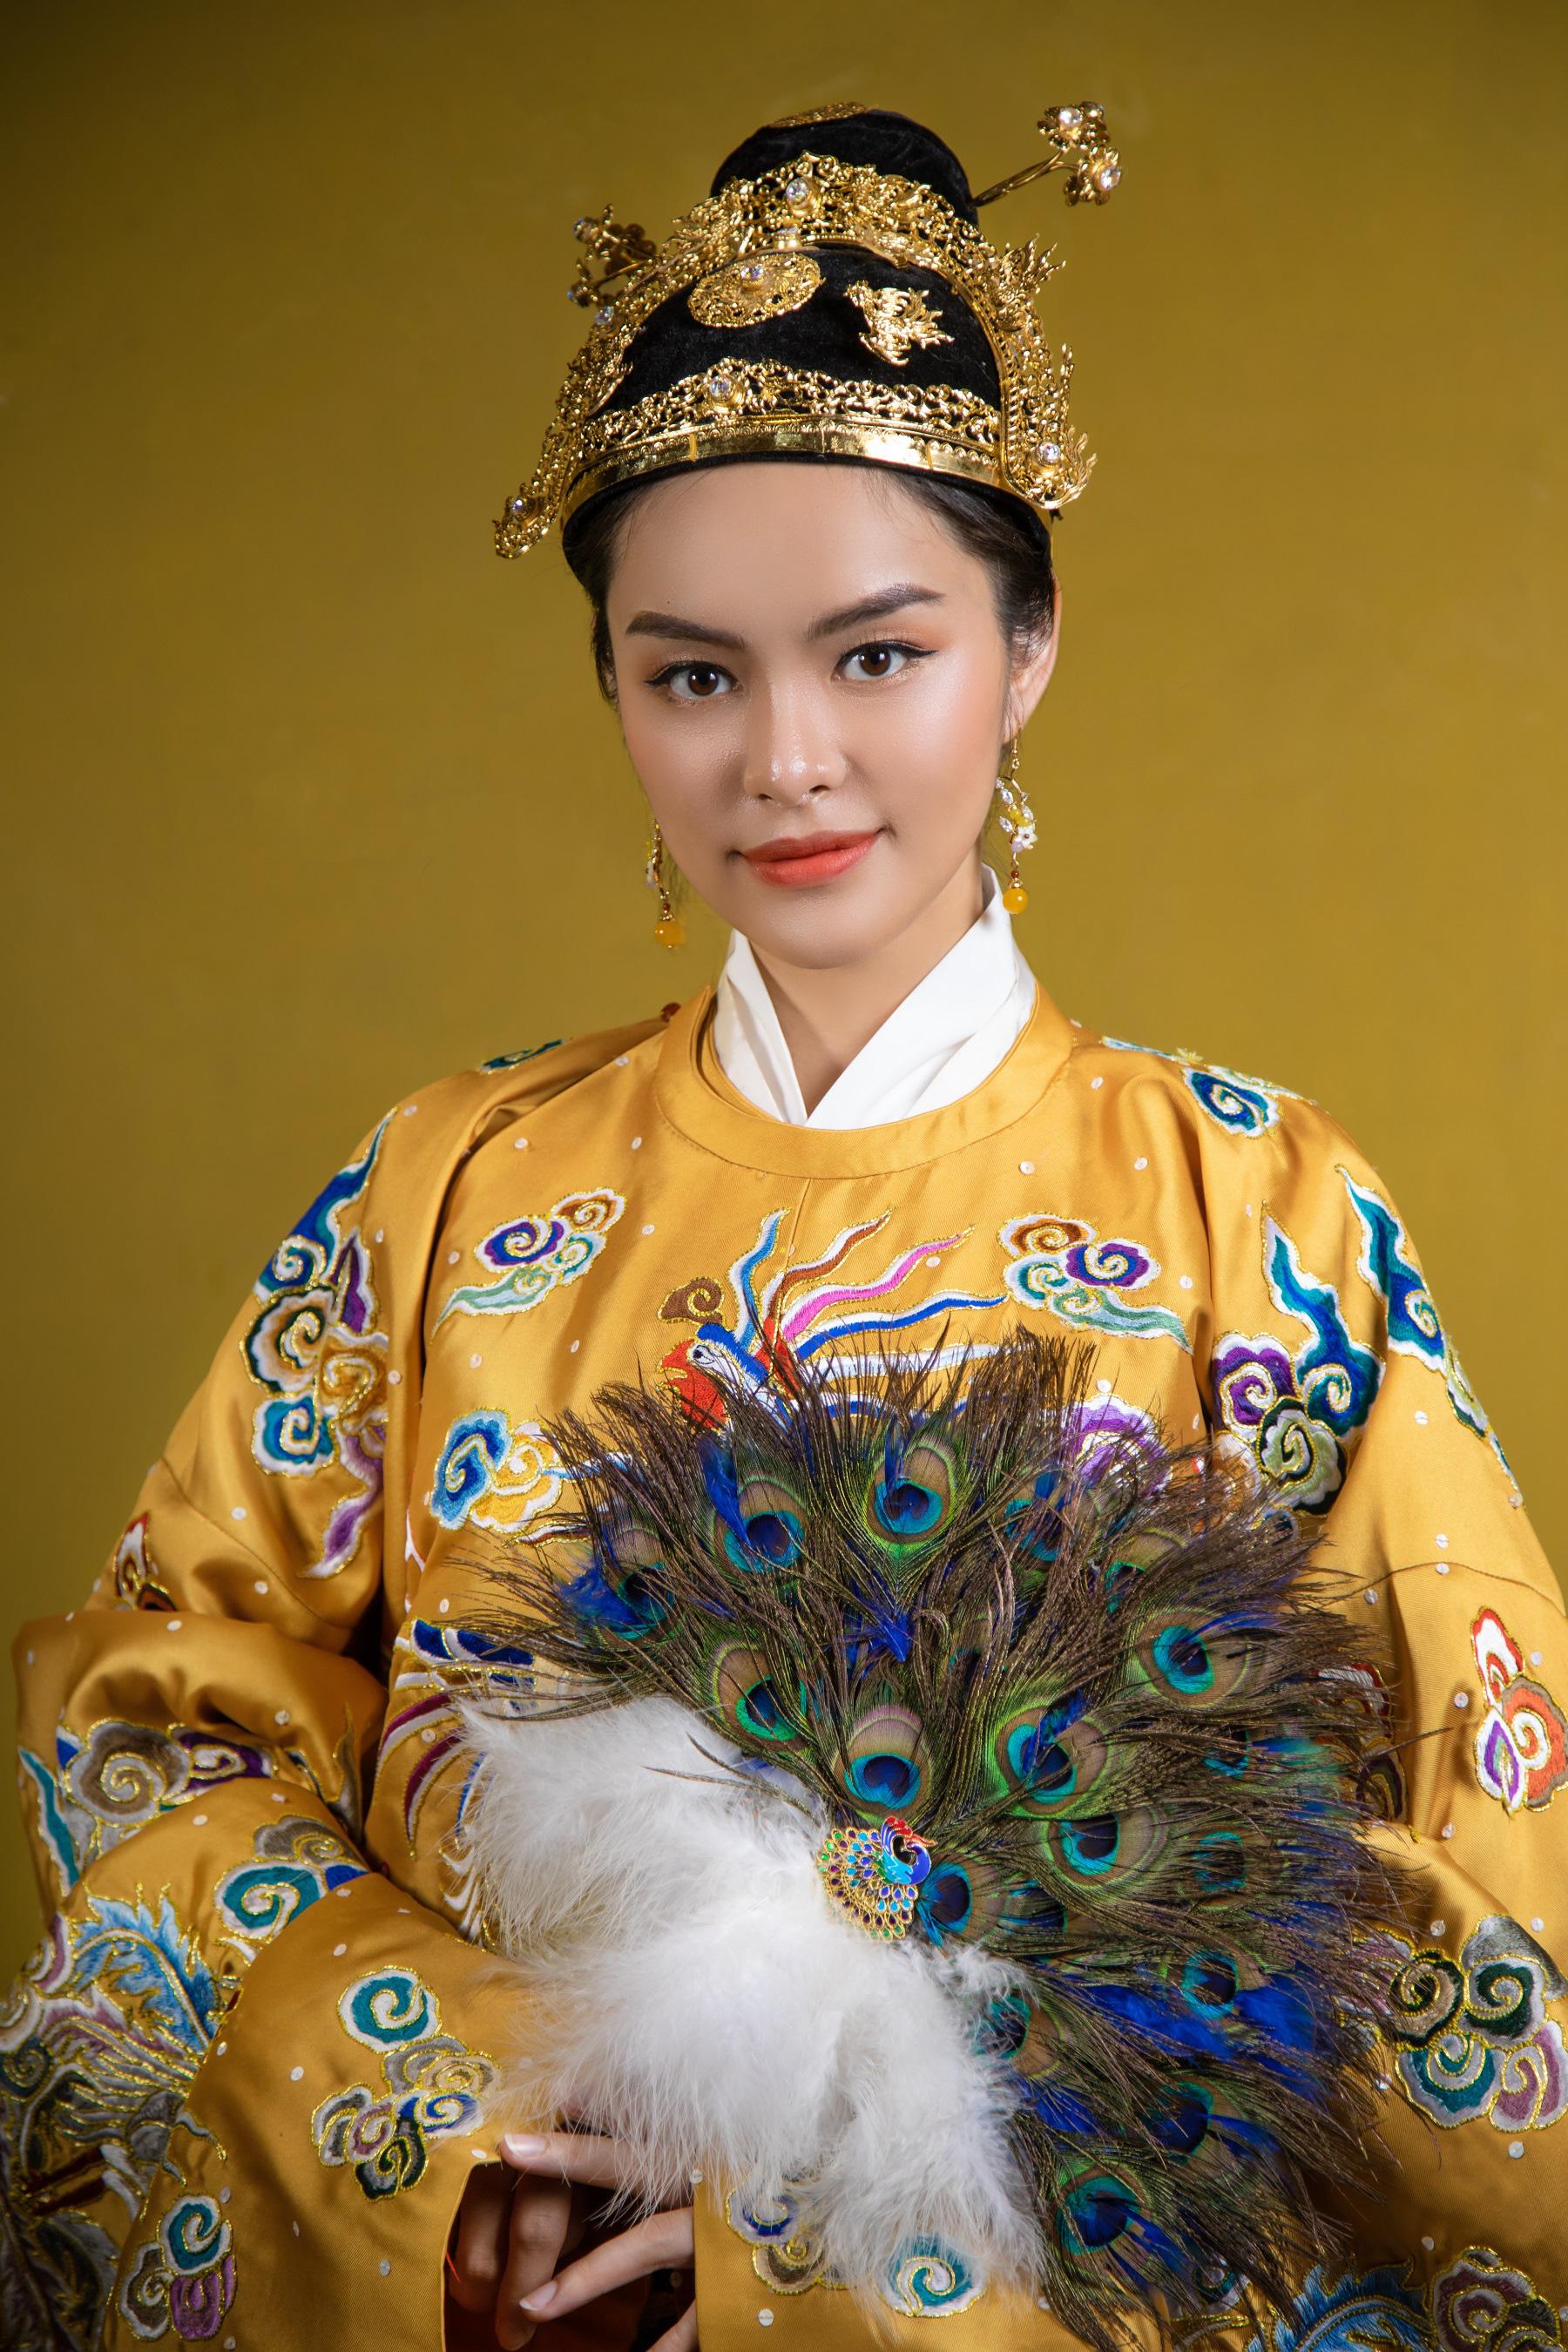 """Ấn tượng bộ ảnh """"Manayi - vàng son một thuở"""" tôn vinh hương sắc đất Việt ngàn năm - Ảnh 2."""